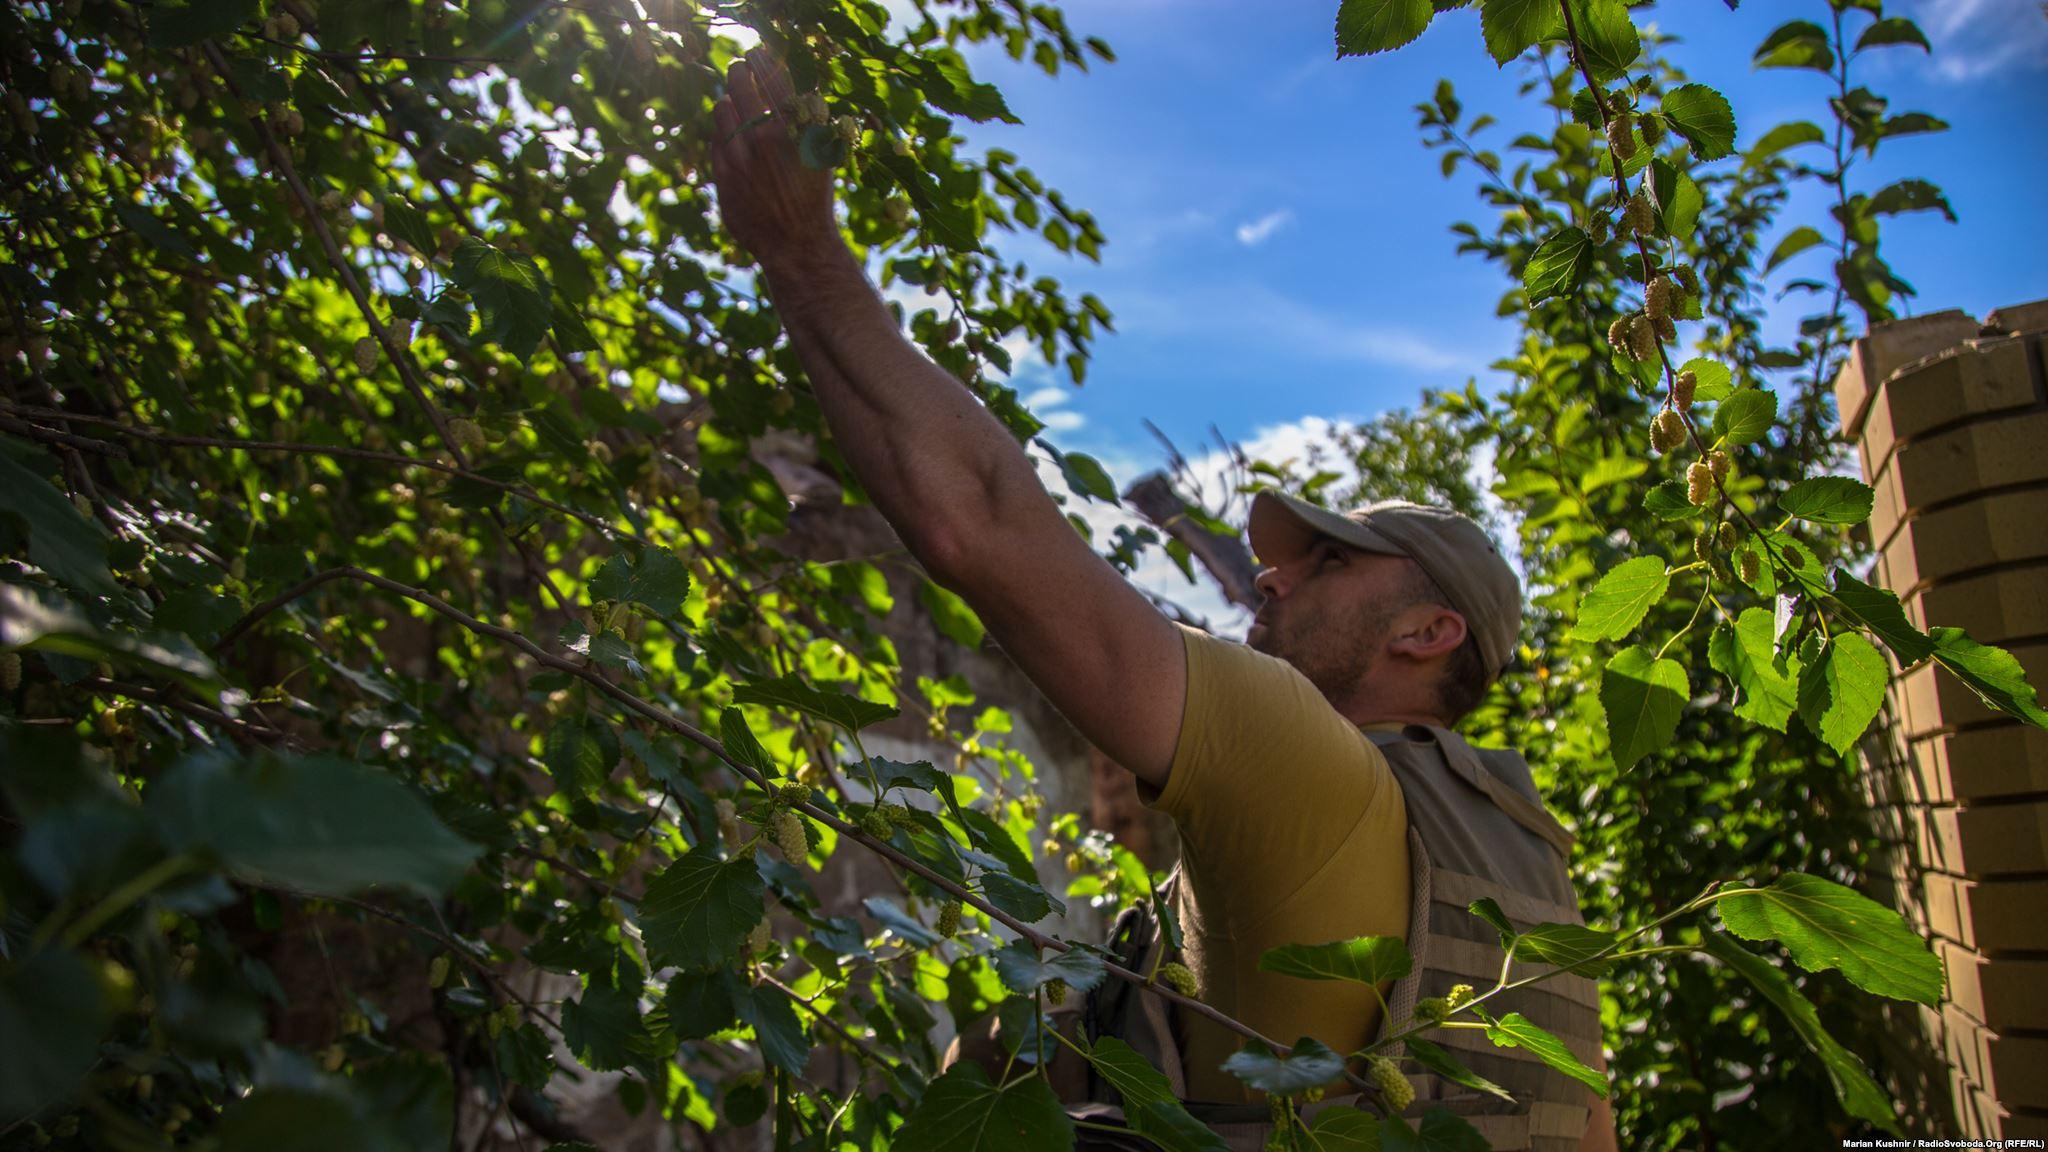 На зворотному шляху маленькі радощі життя – їмо білу шовковицю, яка росте біля дороги. Літо. 14 червня починається Чемпіонат світу з футболу в Росії. Багатьох військових турбує, чи активізуються бойові дії після нього…